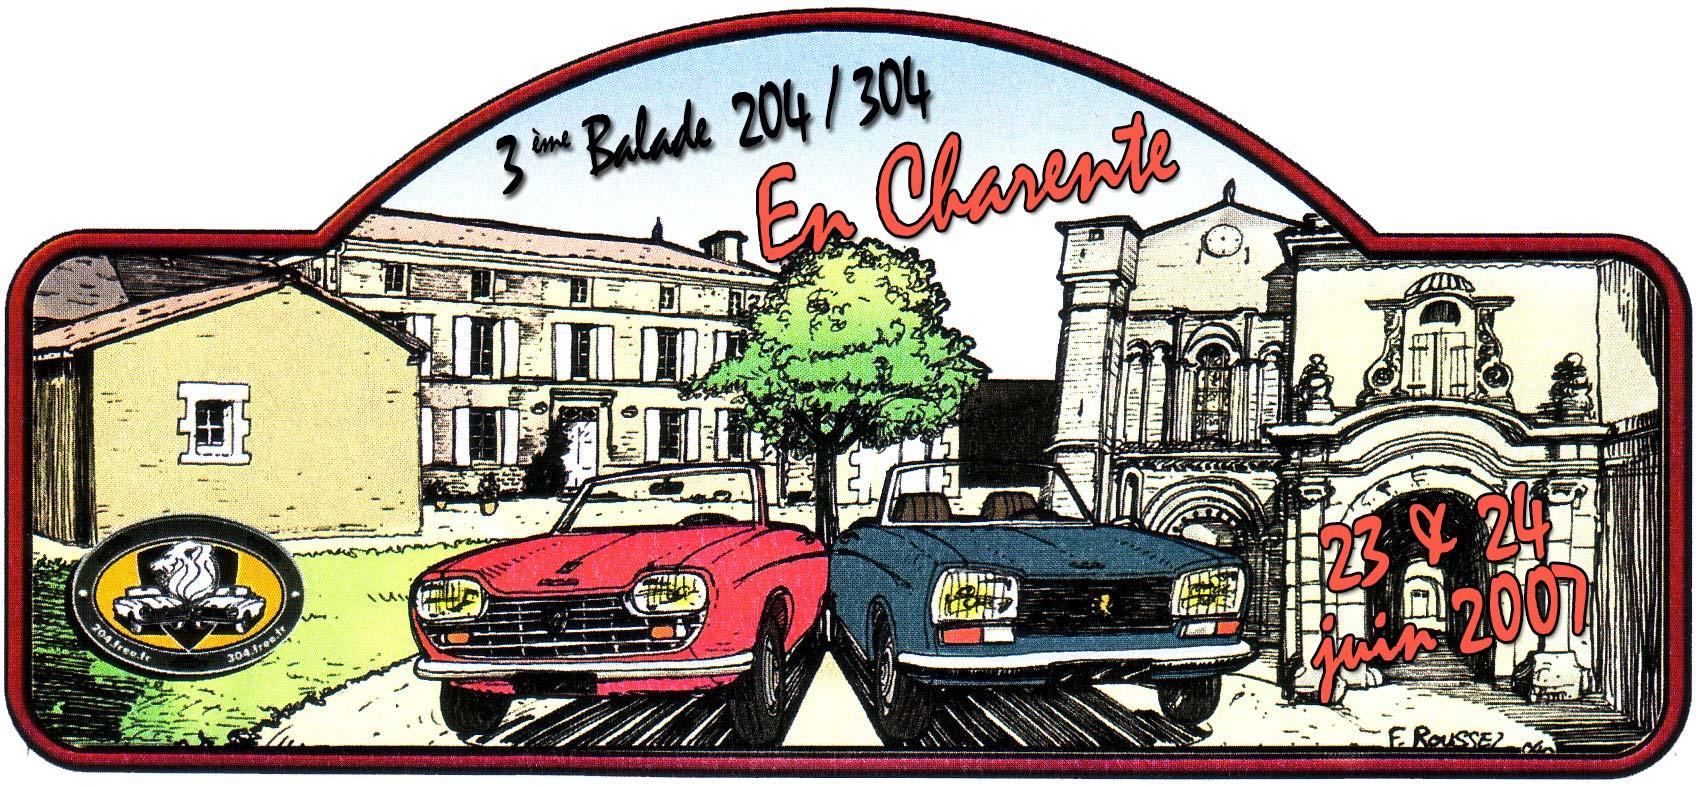 2007_PlaquetteCharente-couleur